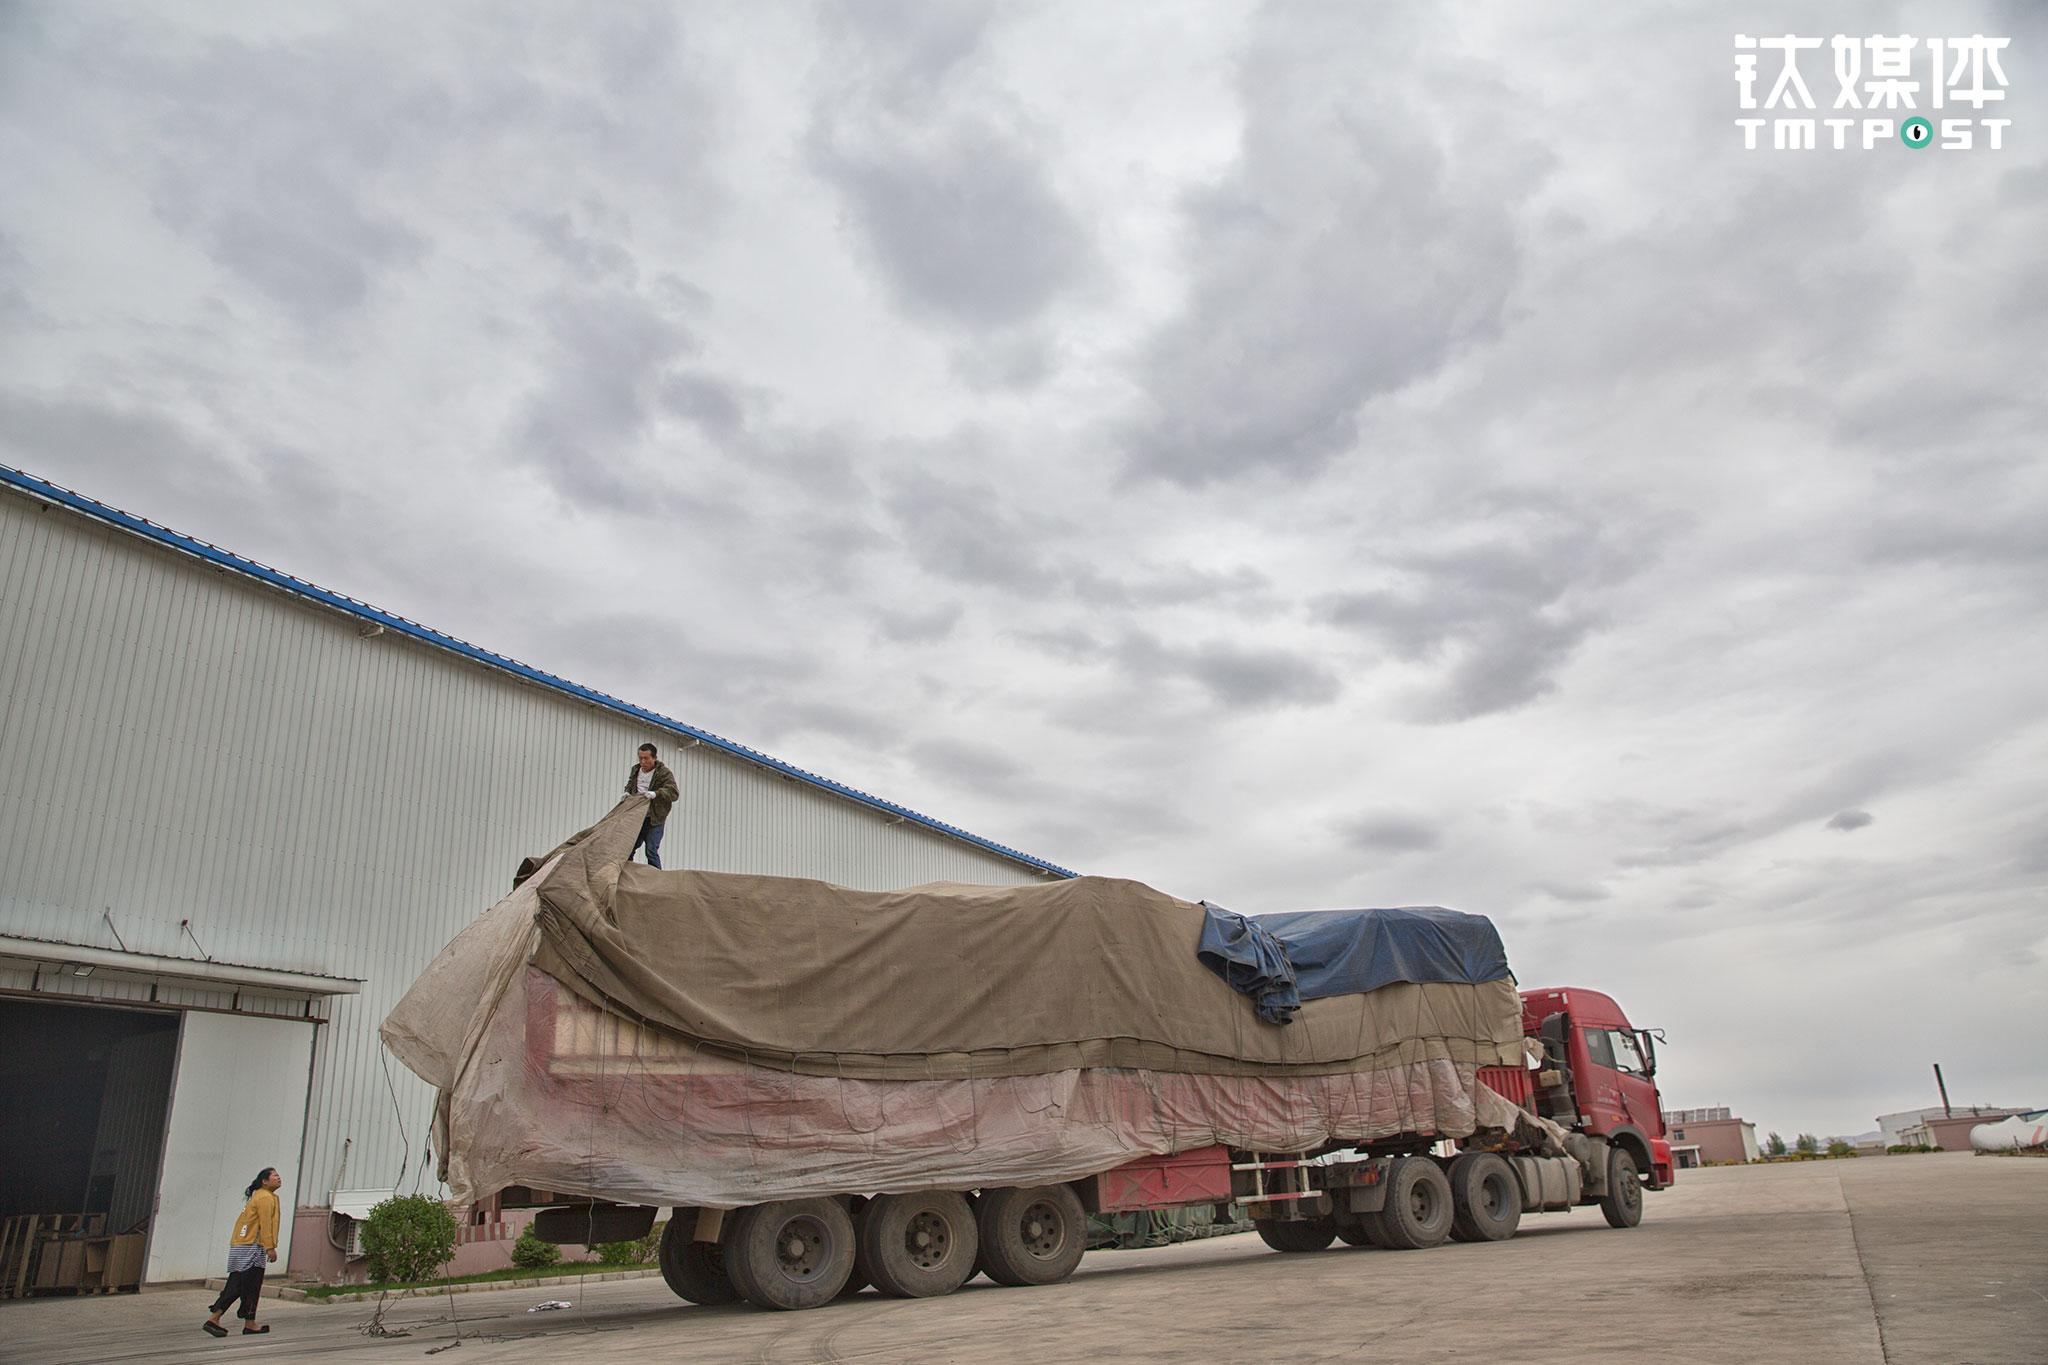 14日下午,金强一路赶到乌兰浩特,在这里他们要卸两批货,看天气似乎要下雨,金强只能加快进度。